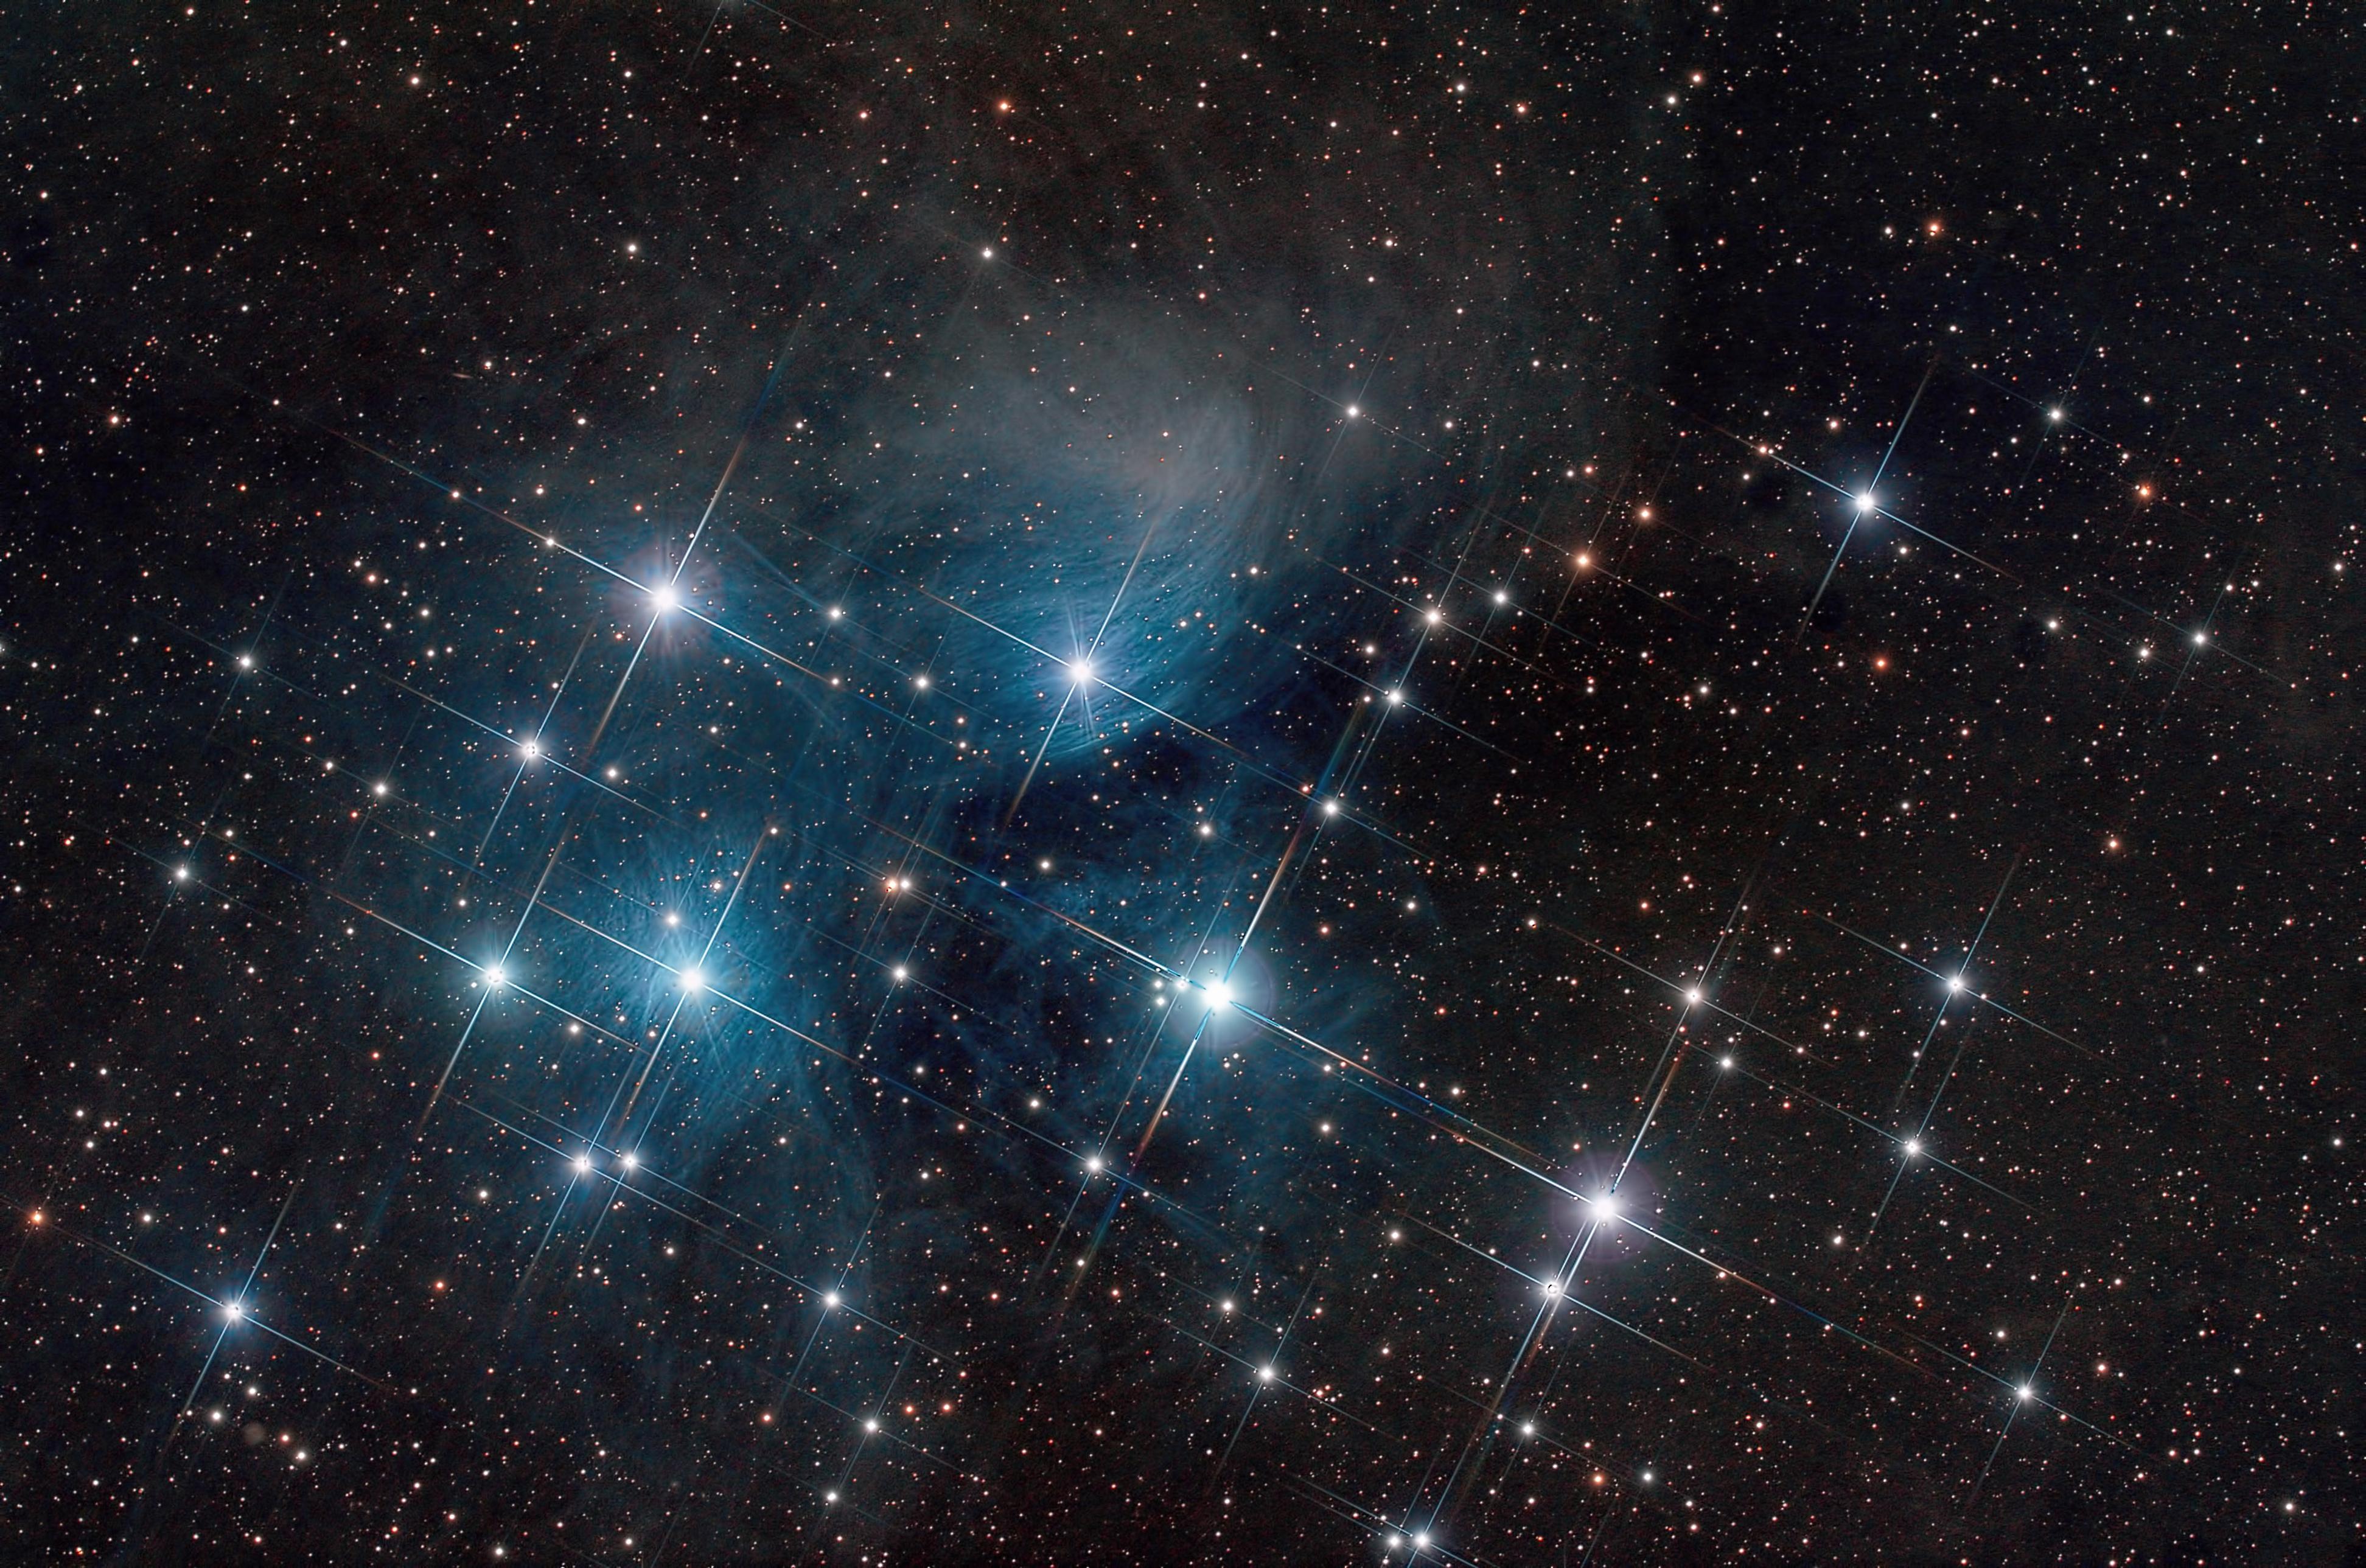 спины созвездие плеяд на фото вязка основном, выполняется